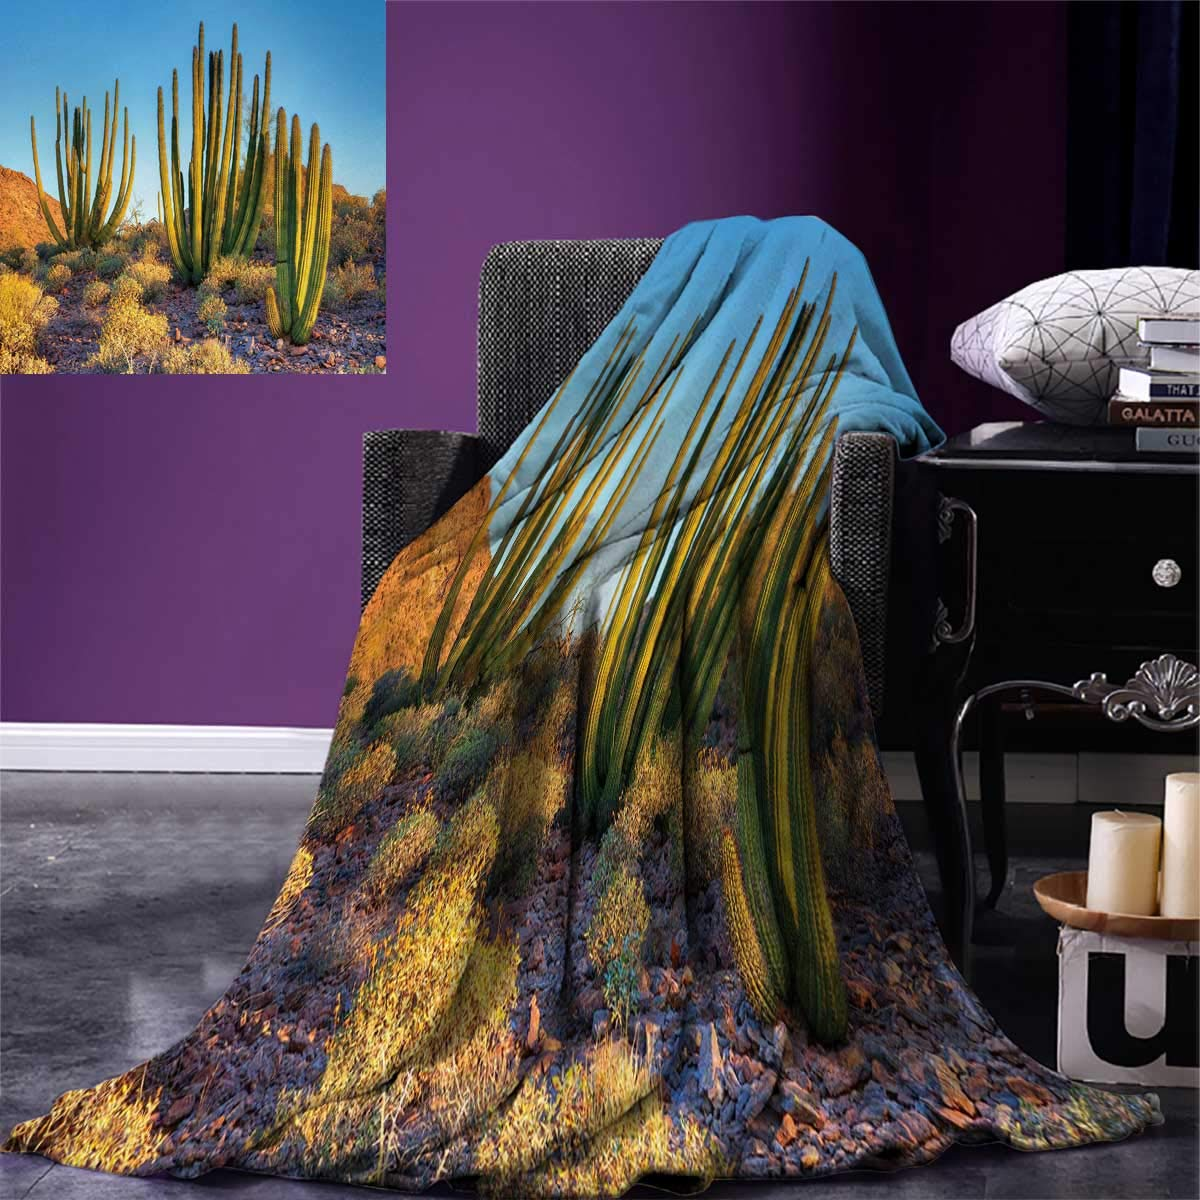 Anniutwo サボテン スローブランケット 写真 ランドスケープ 砂漠の山 海の景色 花 サボテン 植物 プリント 暖かい マイクロファイバー オールシーズン 毛布 ベッド カウチ 50 x 30インチ マルチカラー 90x90(inch) B07GCMZKHS カラー05 90x90(inch)